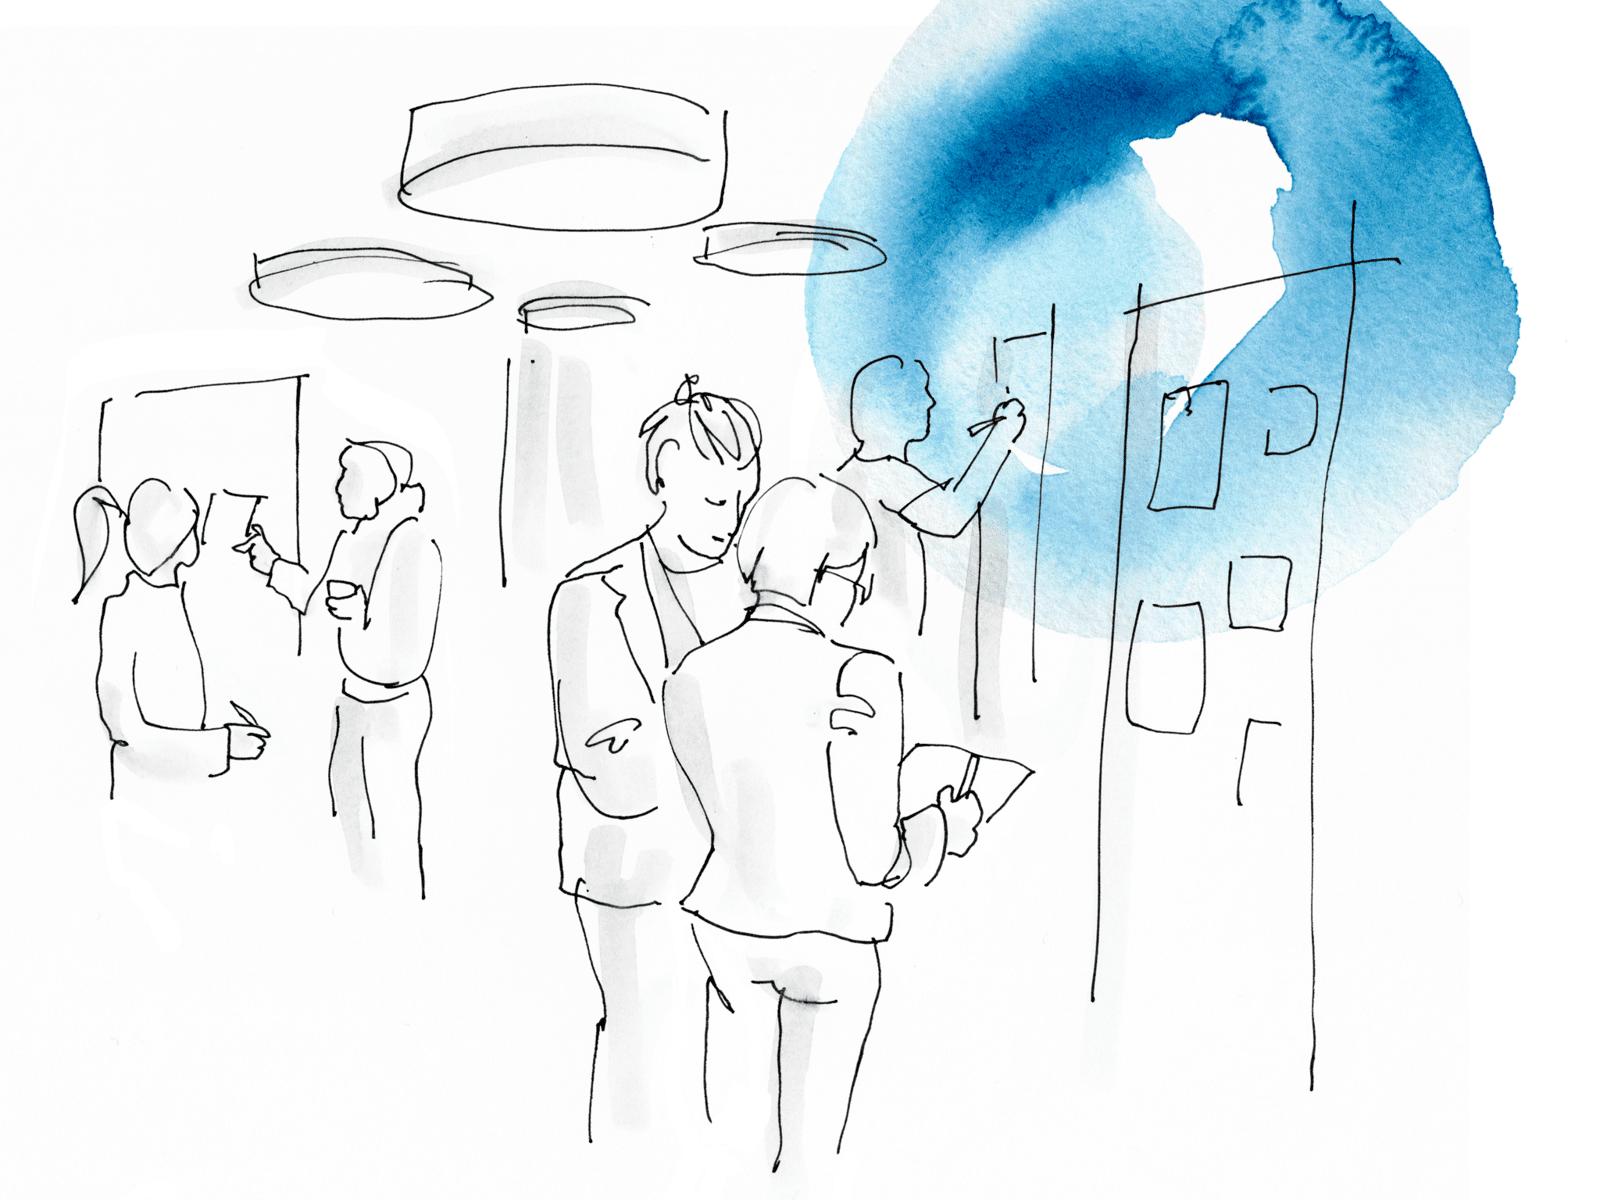 Eine überwiegend weiße Zeichnung, die Menschen im Gespräch in einem Büro zeigt. An den Rändern gelbe und blaue Tuscheränder.